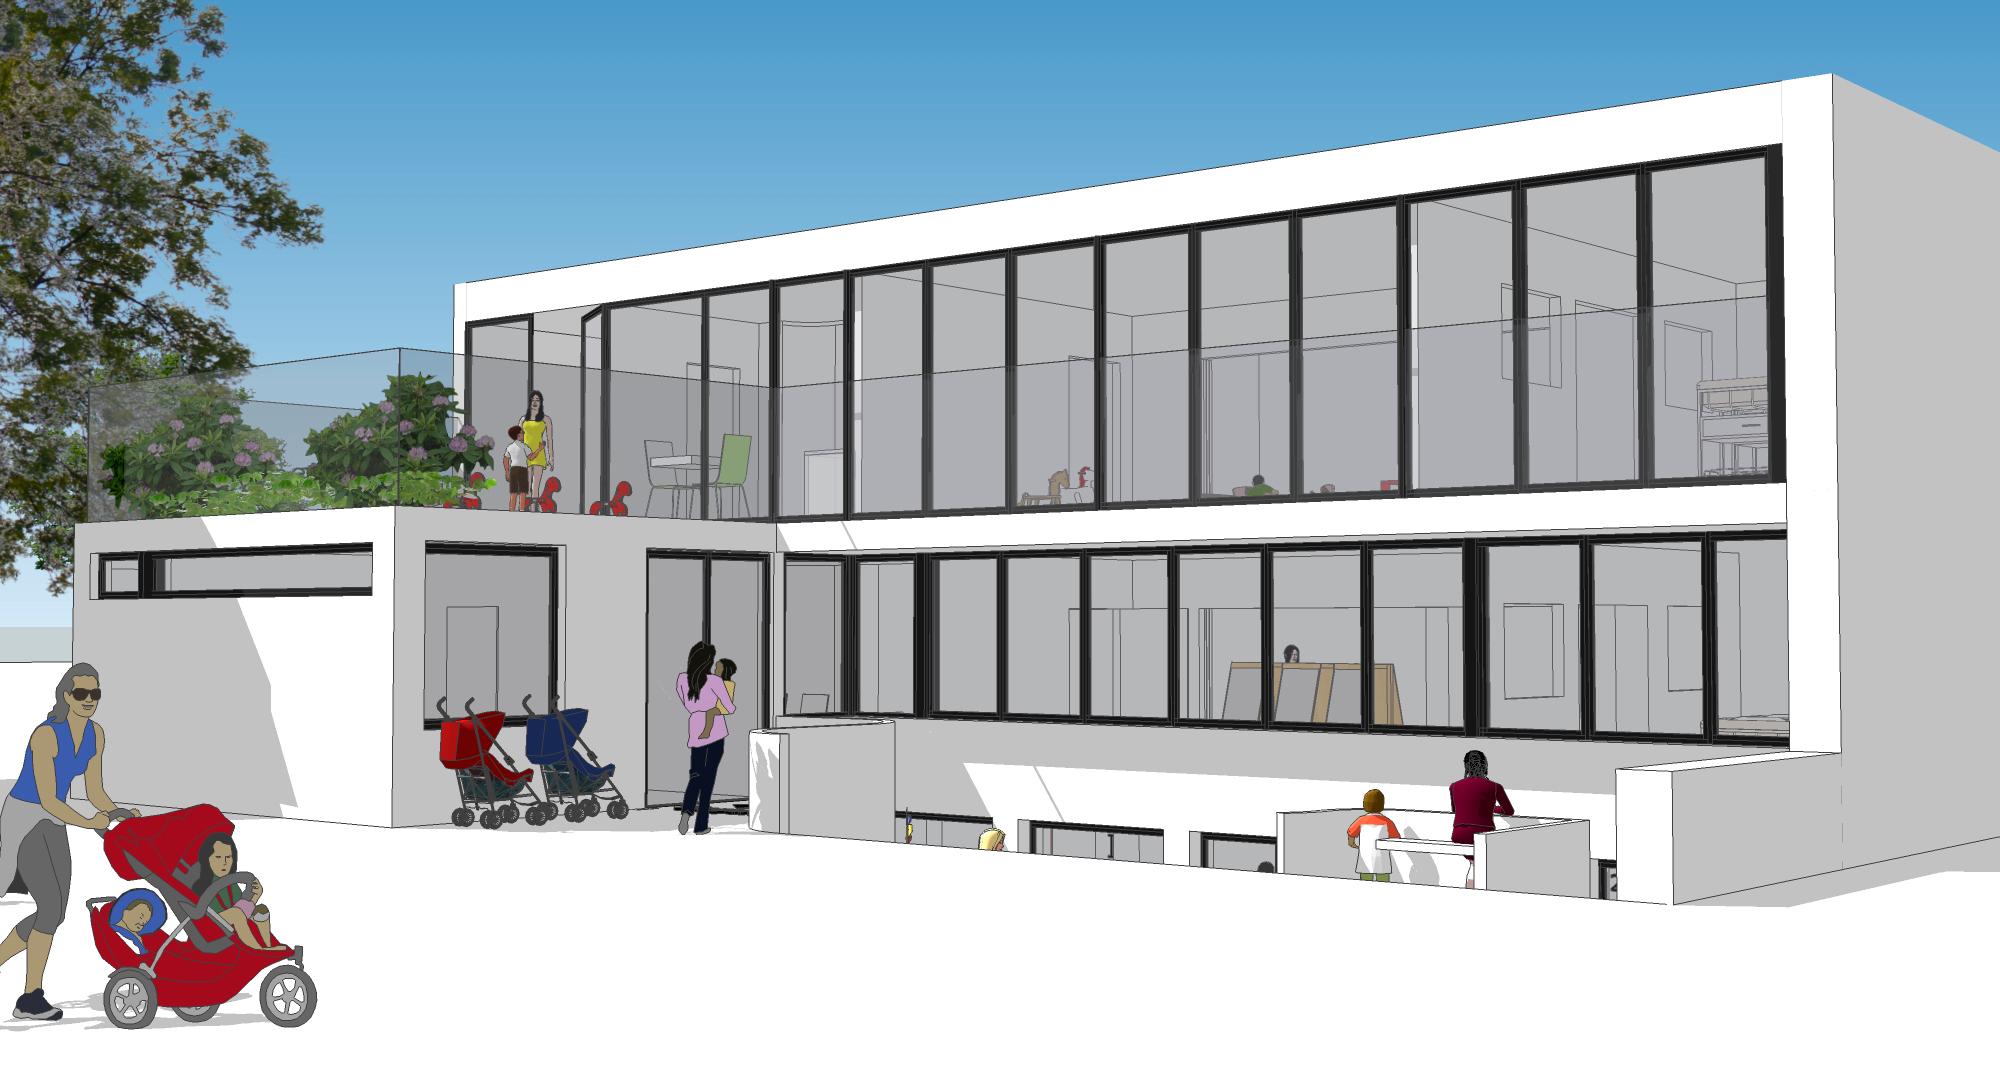 Umbau zur Kindertagesstätte Freiburg